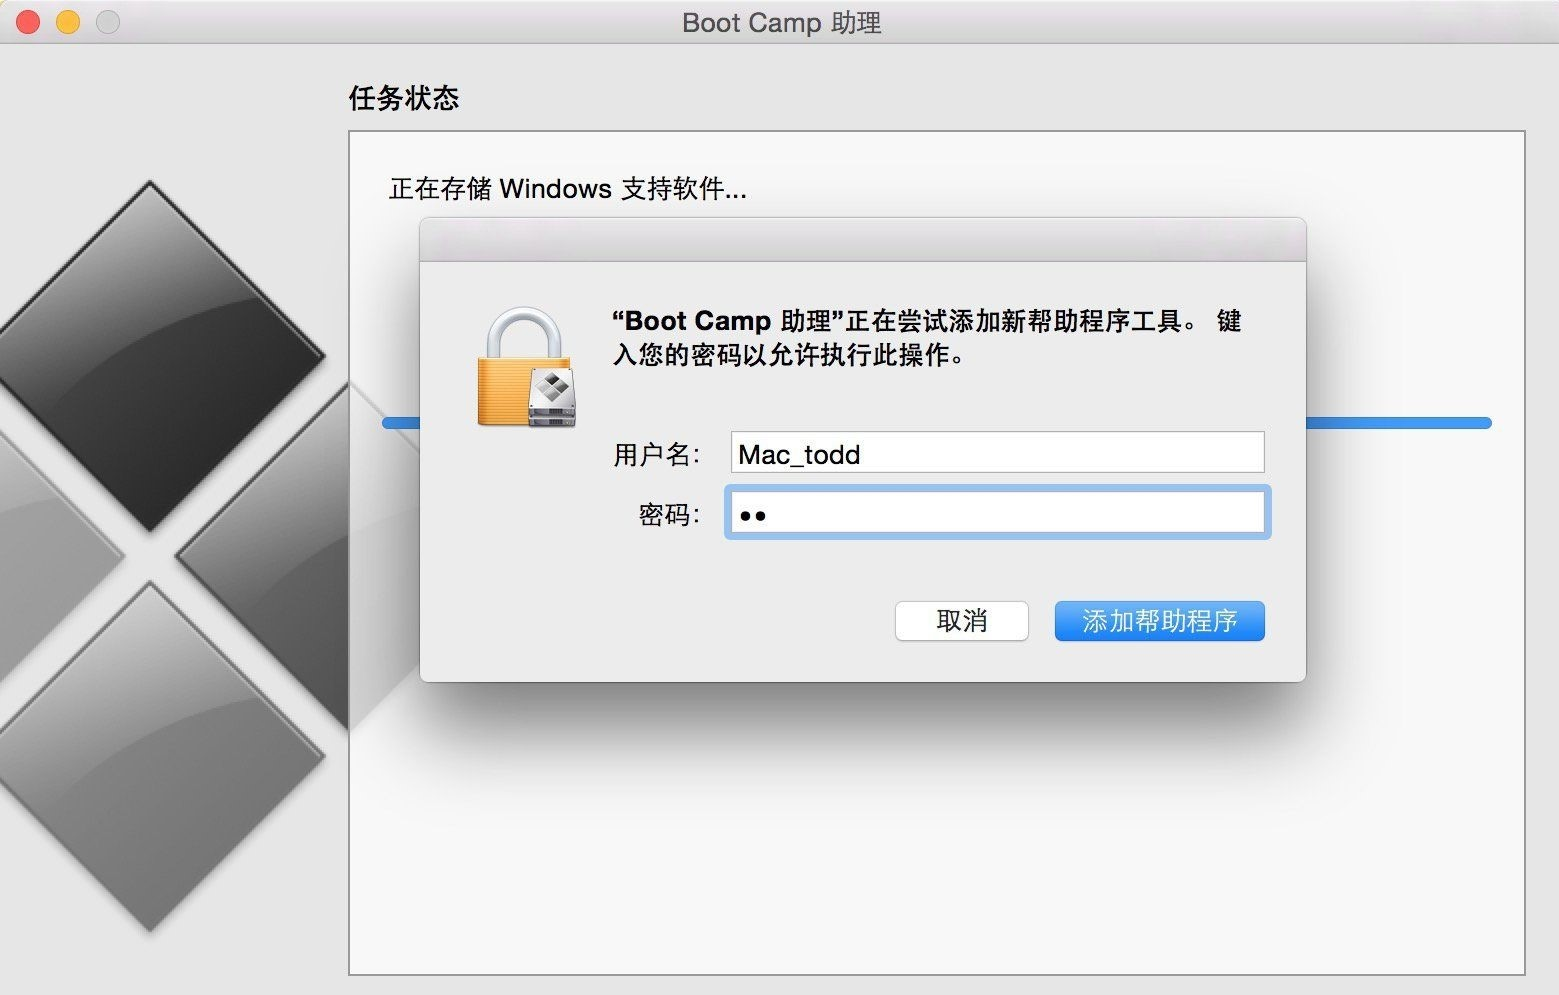 苹果笔记本安装双系统教程(绝对能成功,超详细!)